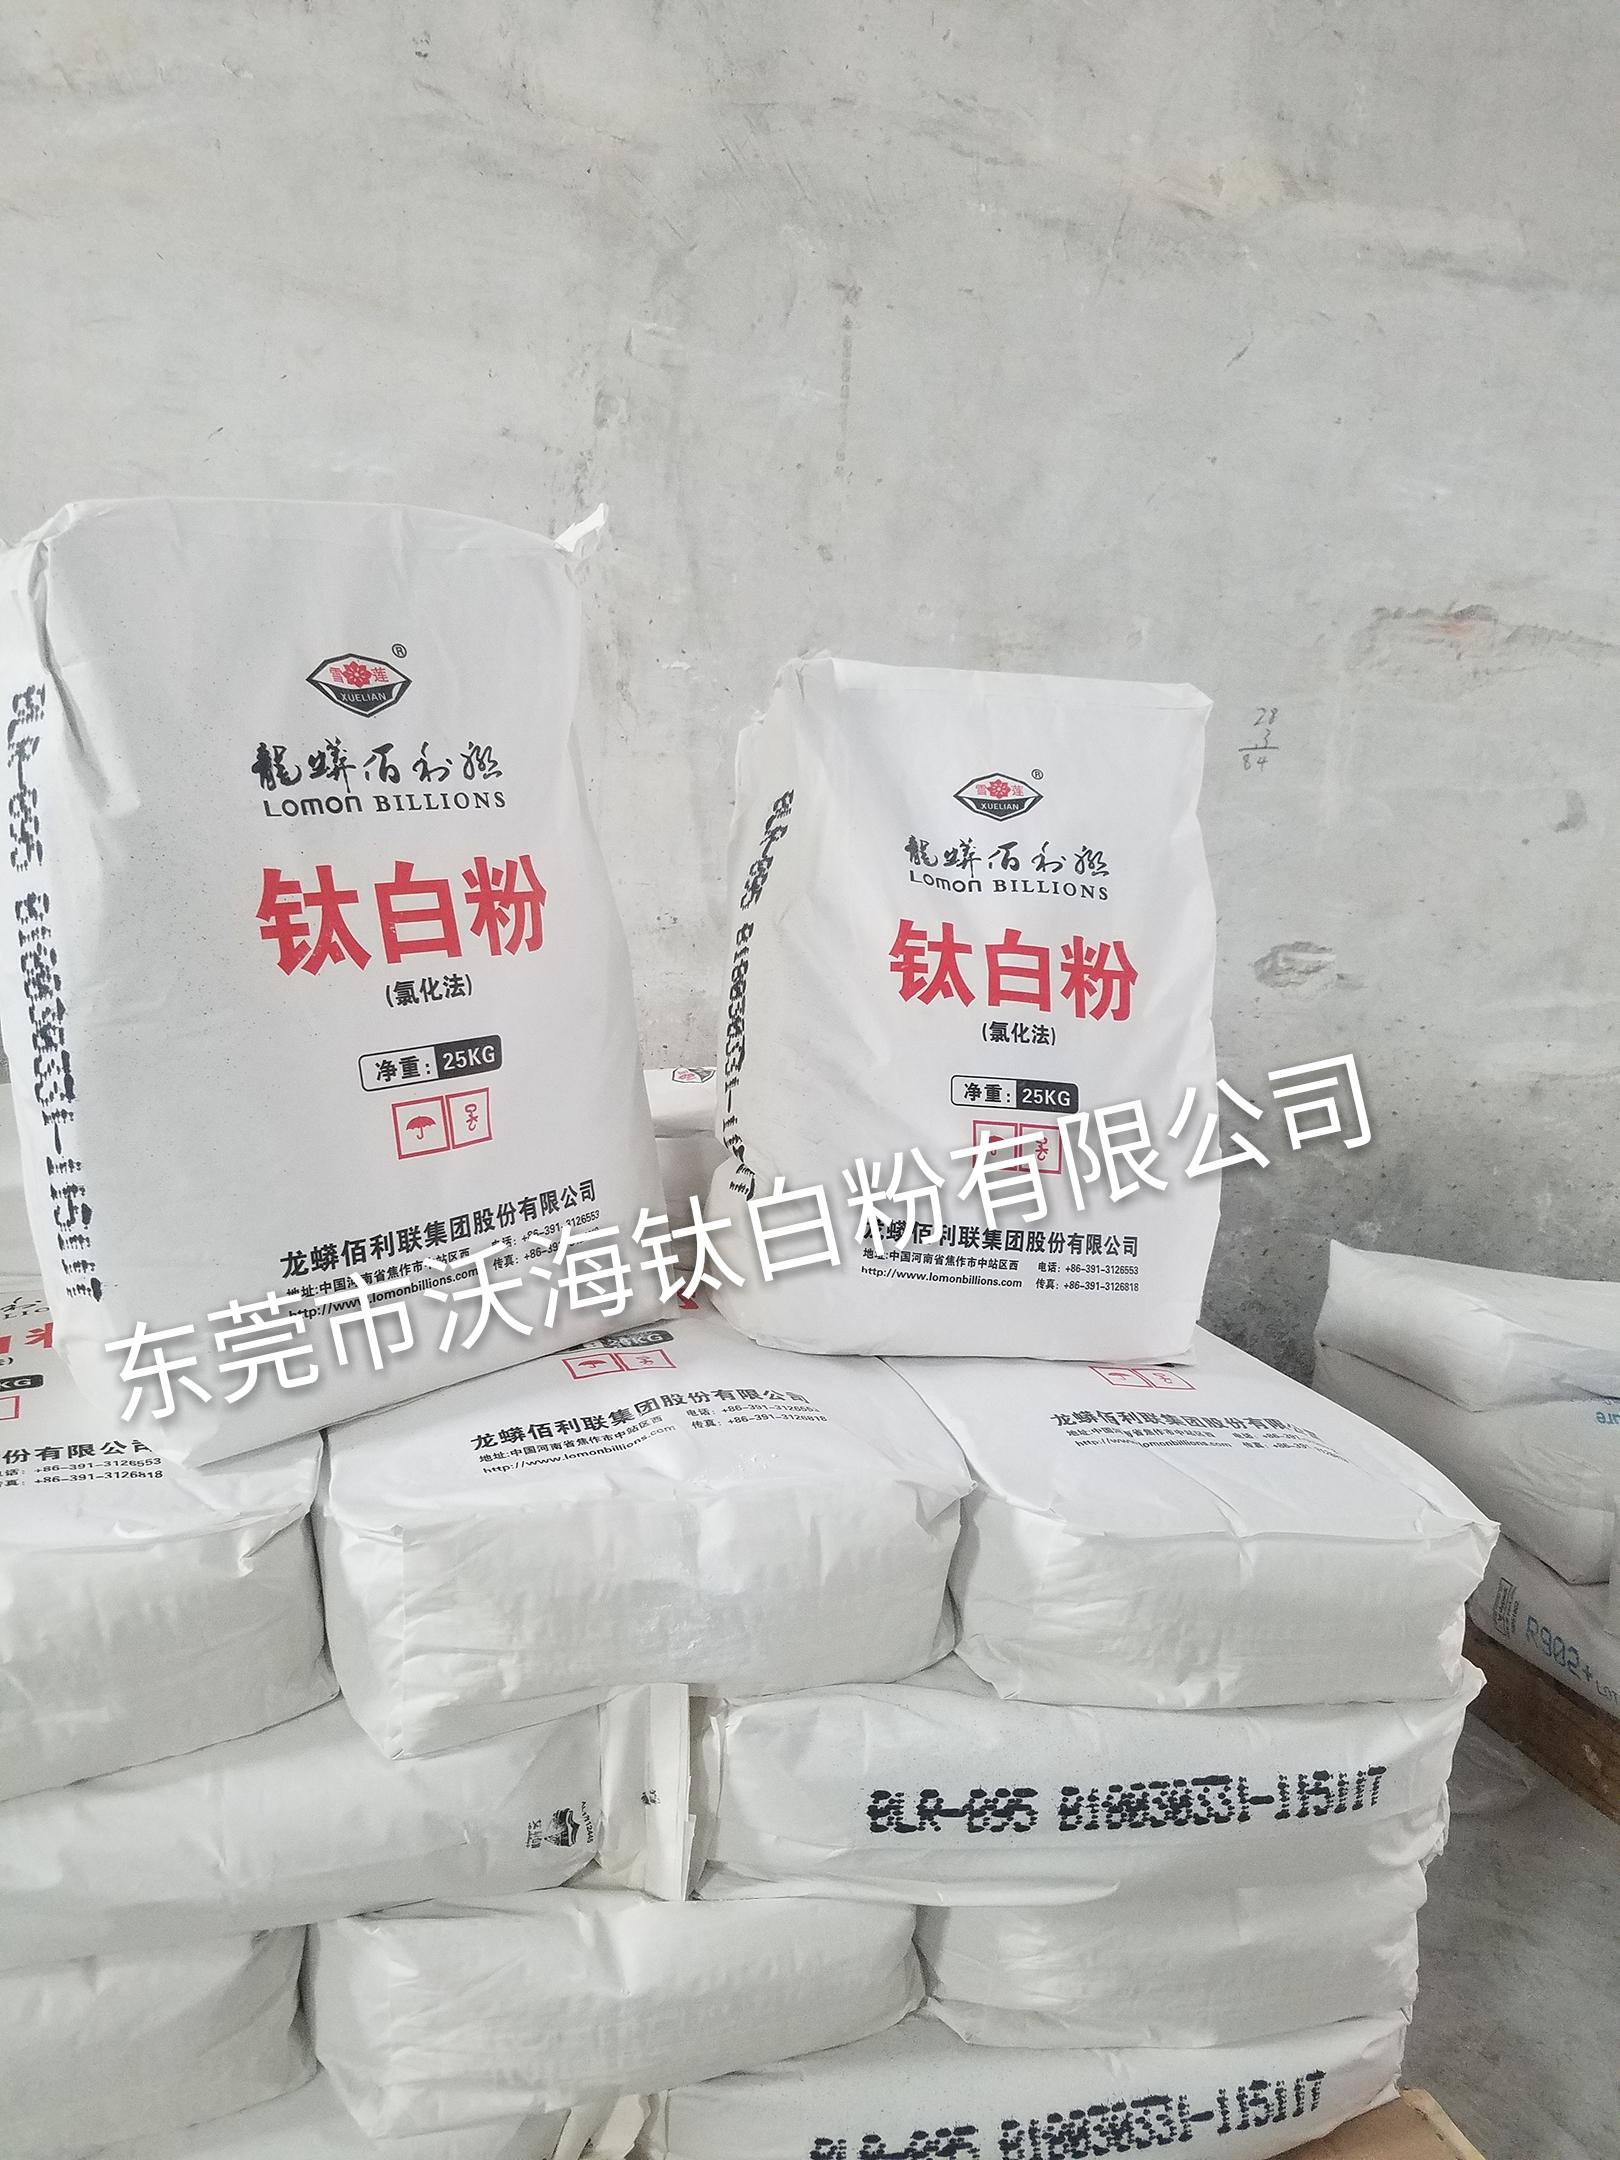 佰利联金红石型钛白粉BLR-895/BLR-896钛白粉(氯化法涂料级钛白粉)3